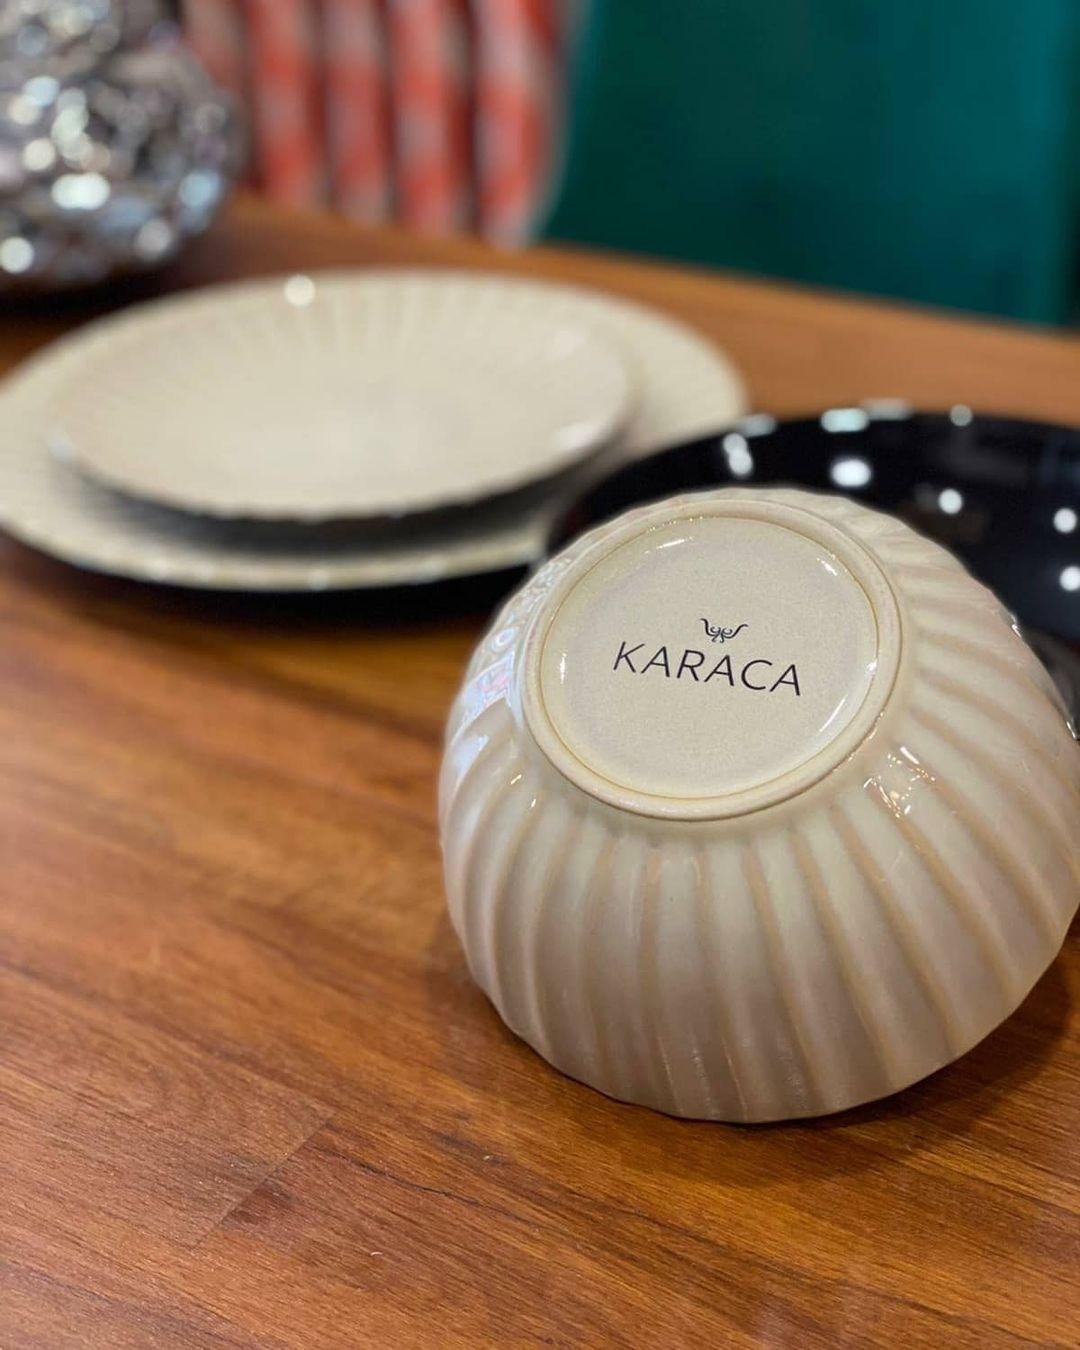 Karaca yemek takımı